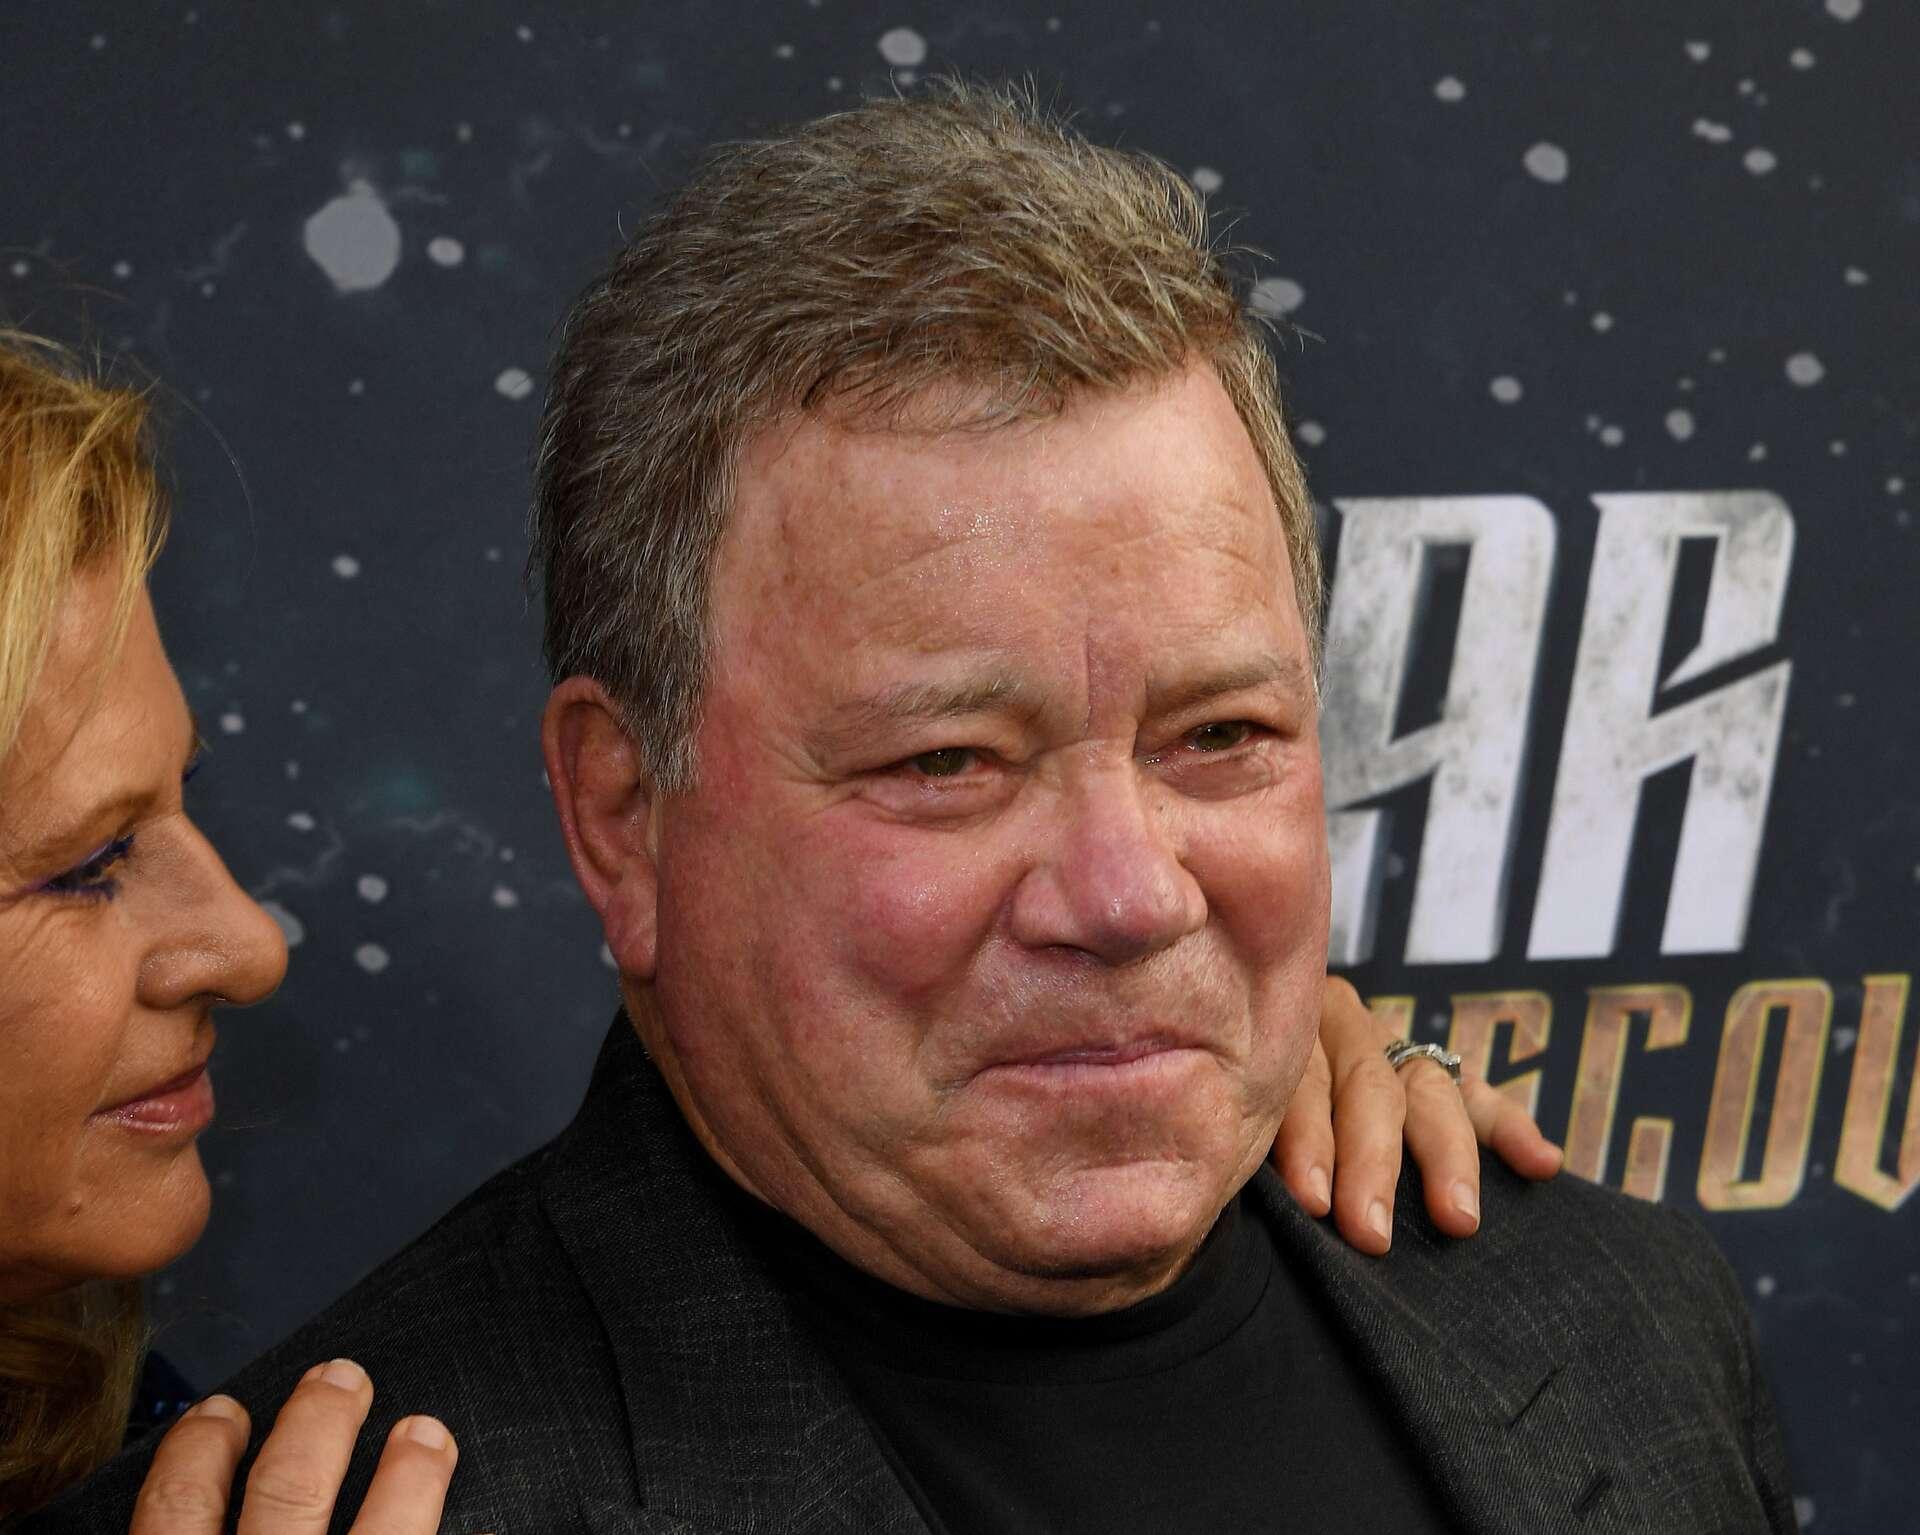 Suivez en direct le premier voyage dans l'espace du capitaine Kirk alias William Shatner !